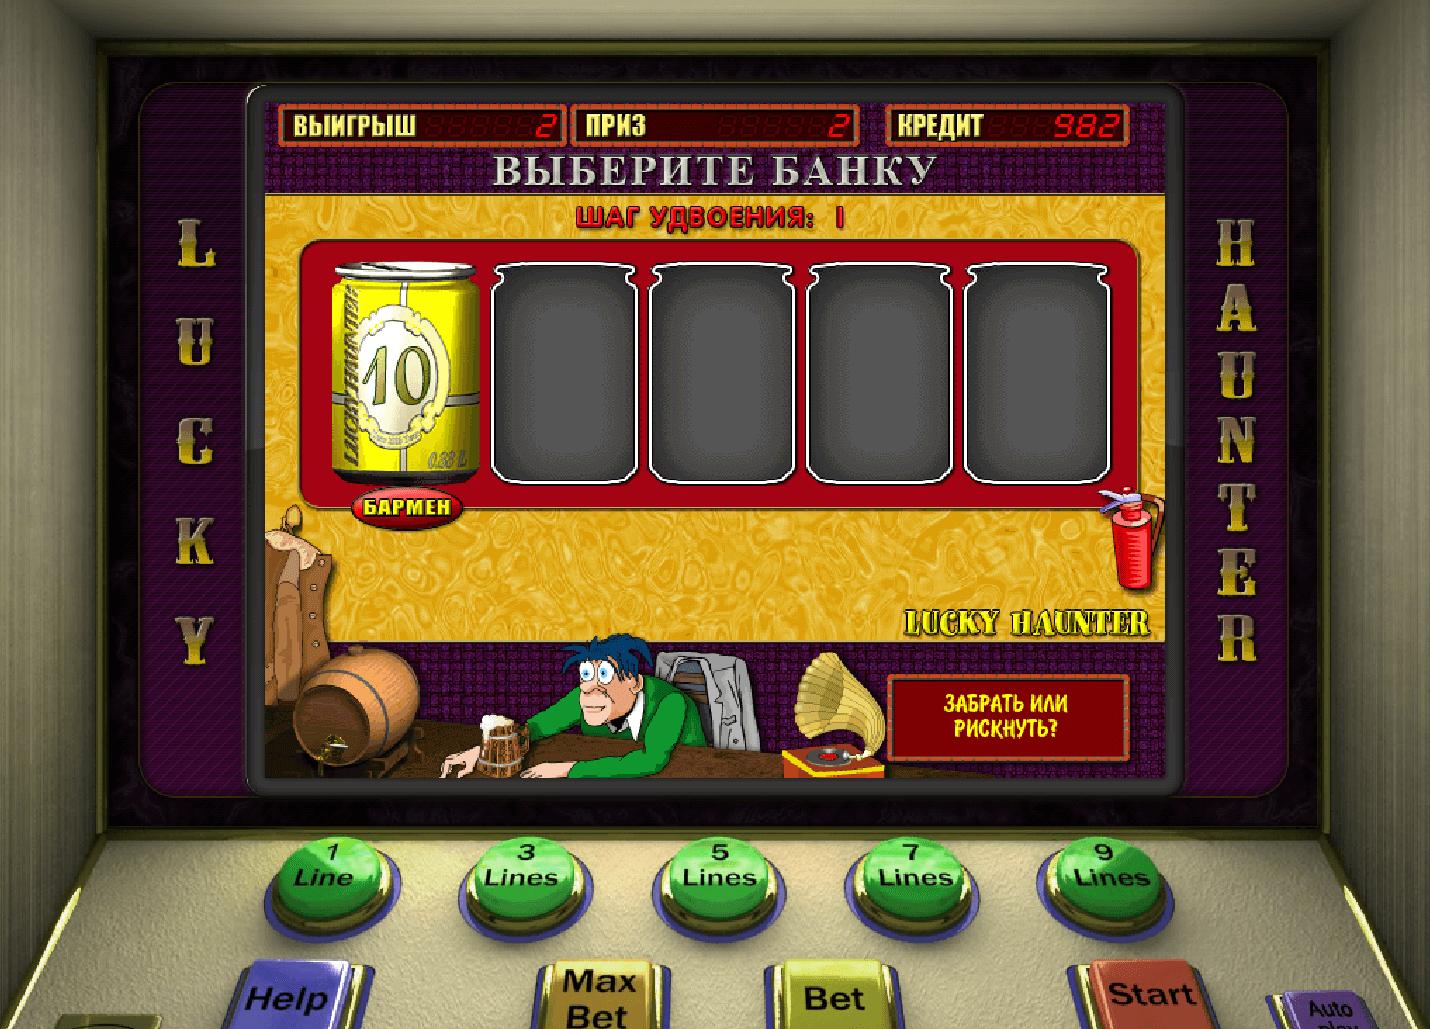 Играть в автоматы слоты демо бесплатно без регистрации скачать игровые автоматы адмирал бесп